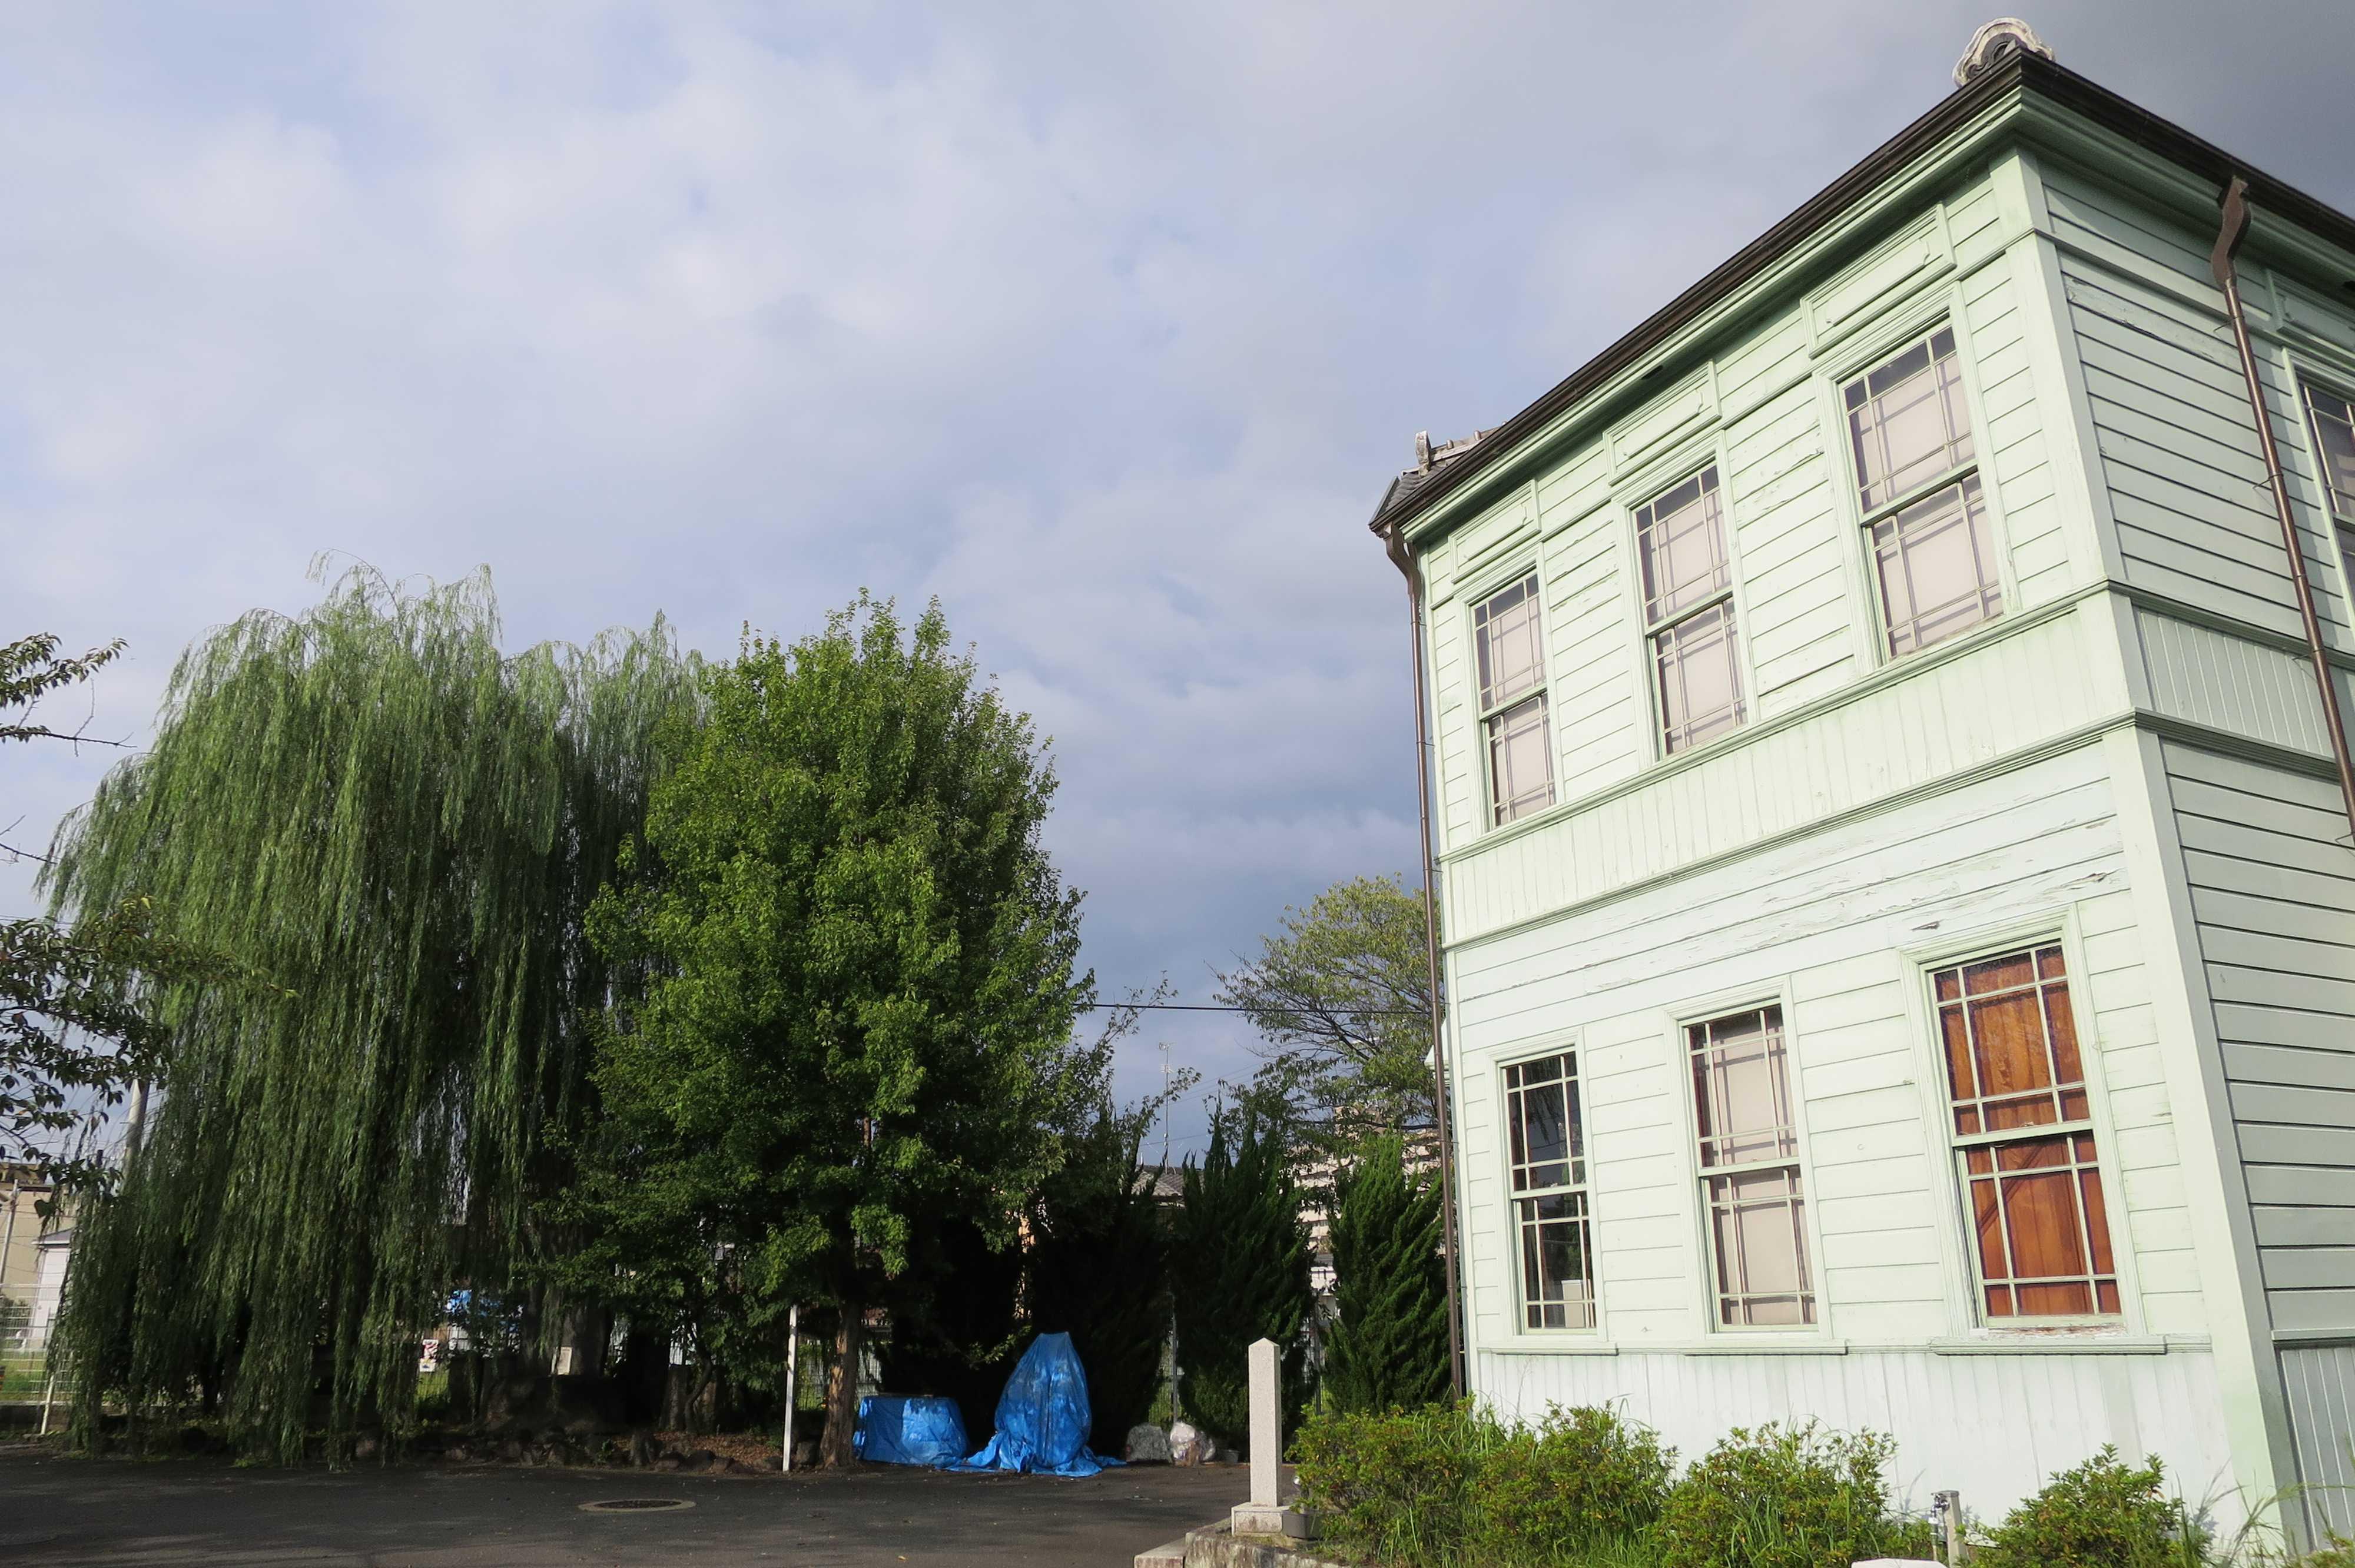 京都・崇仁地区 - 柳原銀行記念資料館の側面